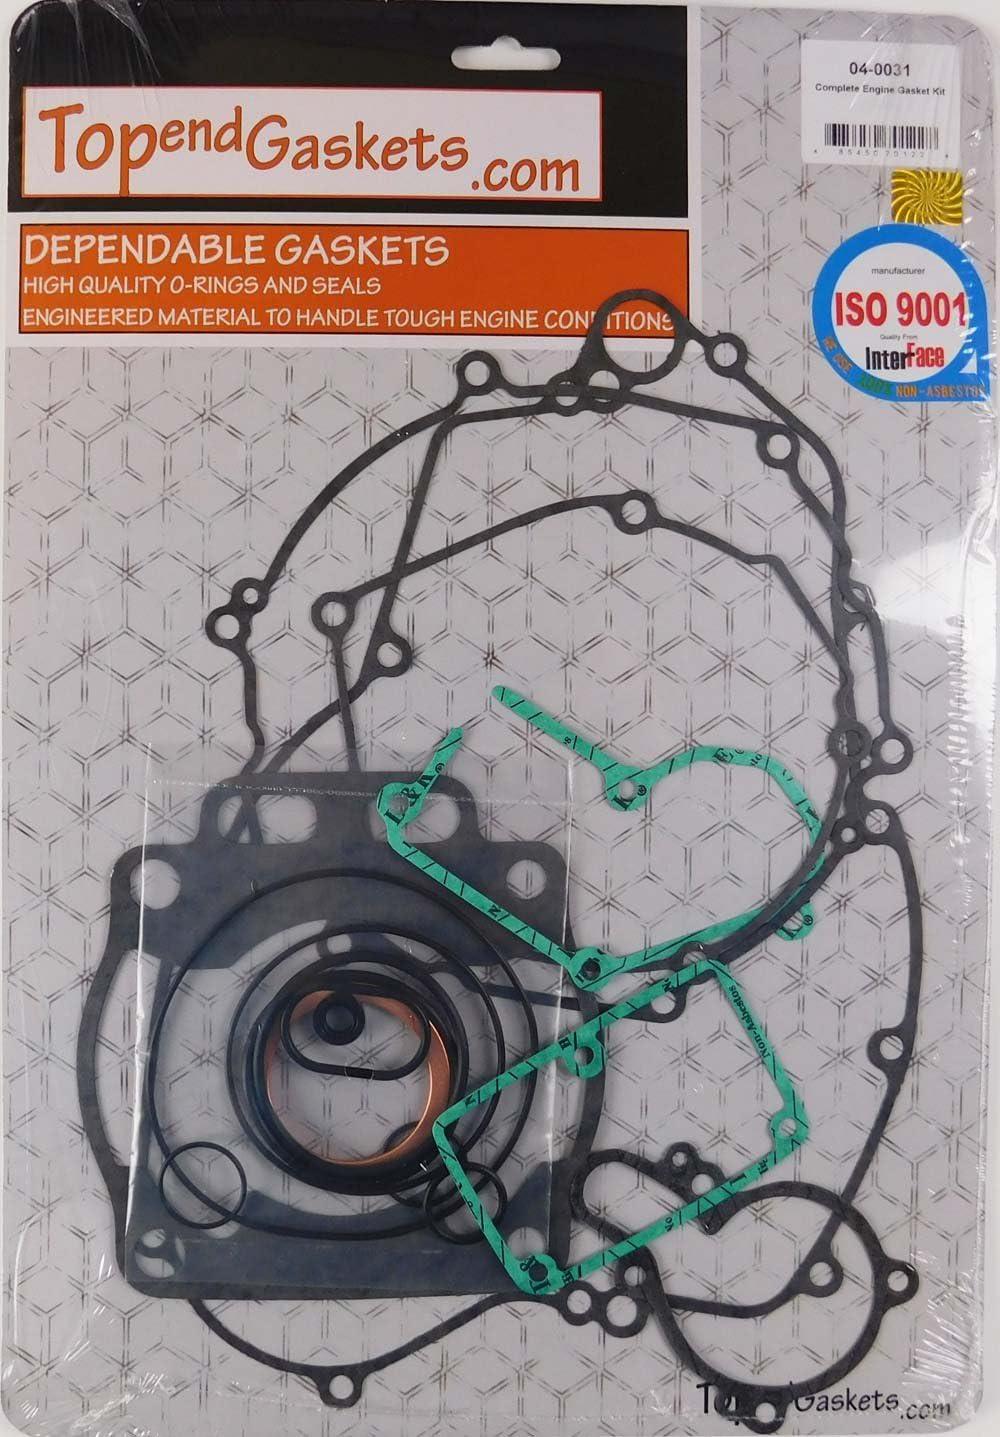 Top and Bottom End Gasket Kit For KAWASAKI KX250  KX 250 1993-2003 US